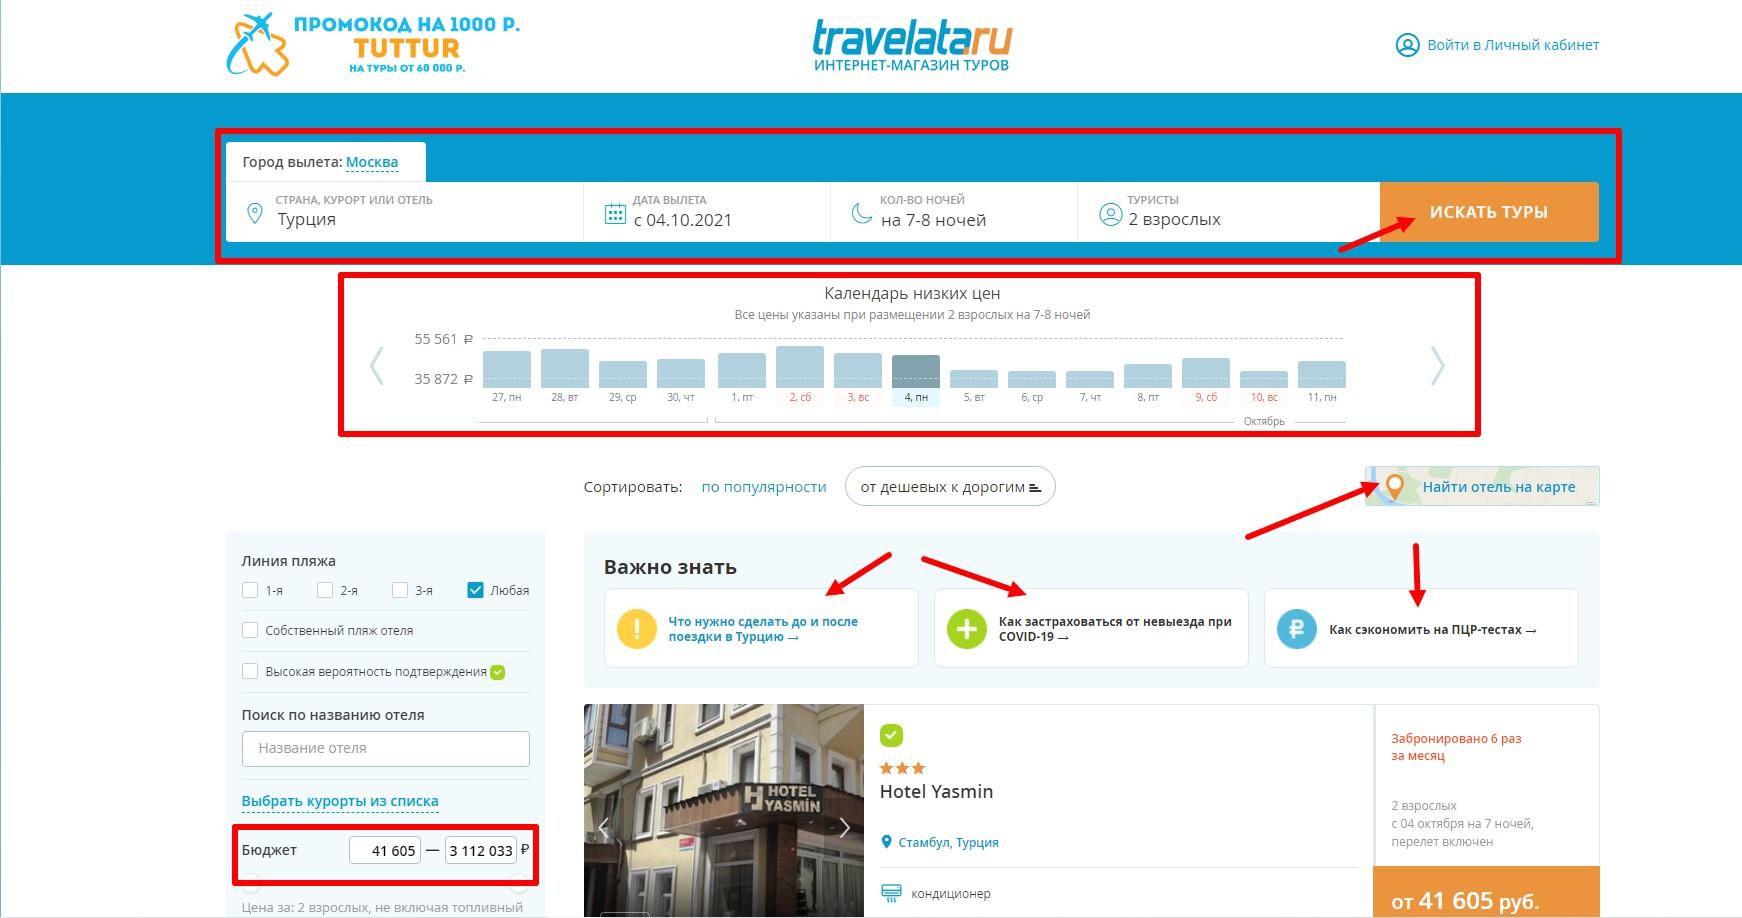 Результат поиска тура в Турцию